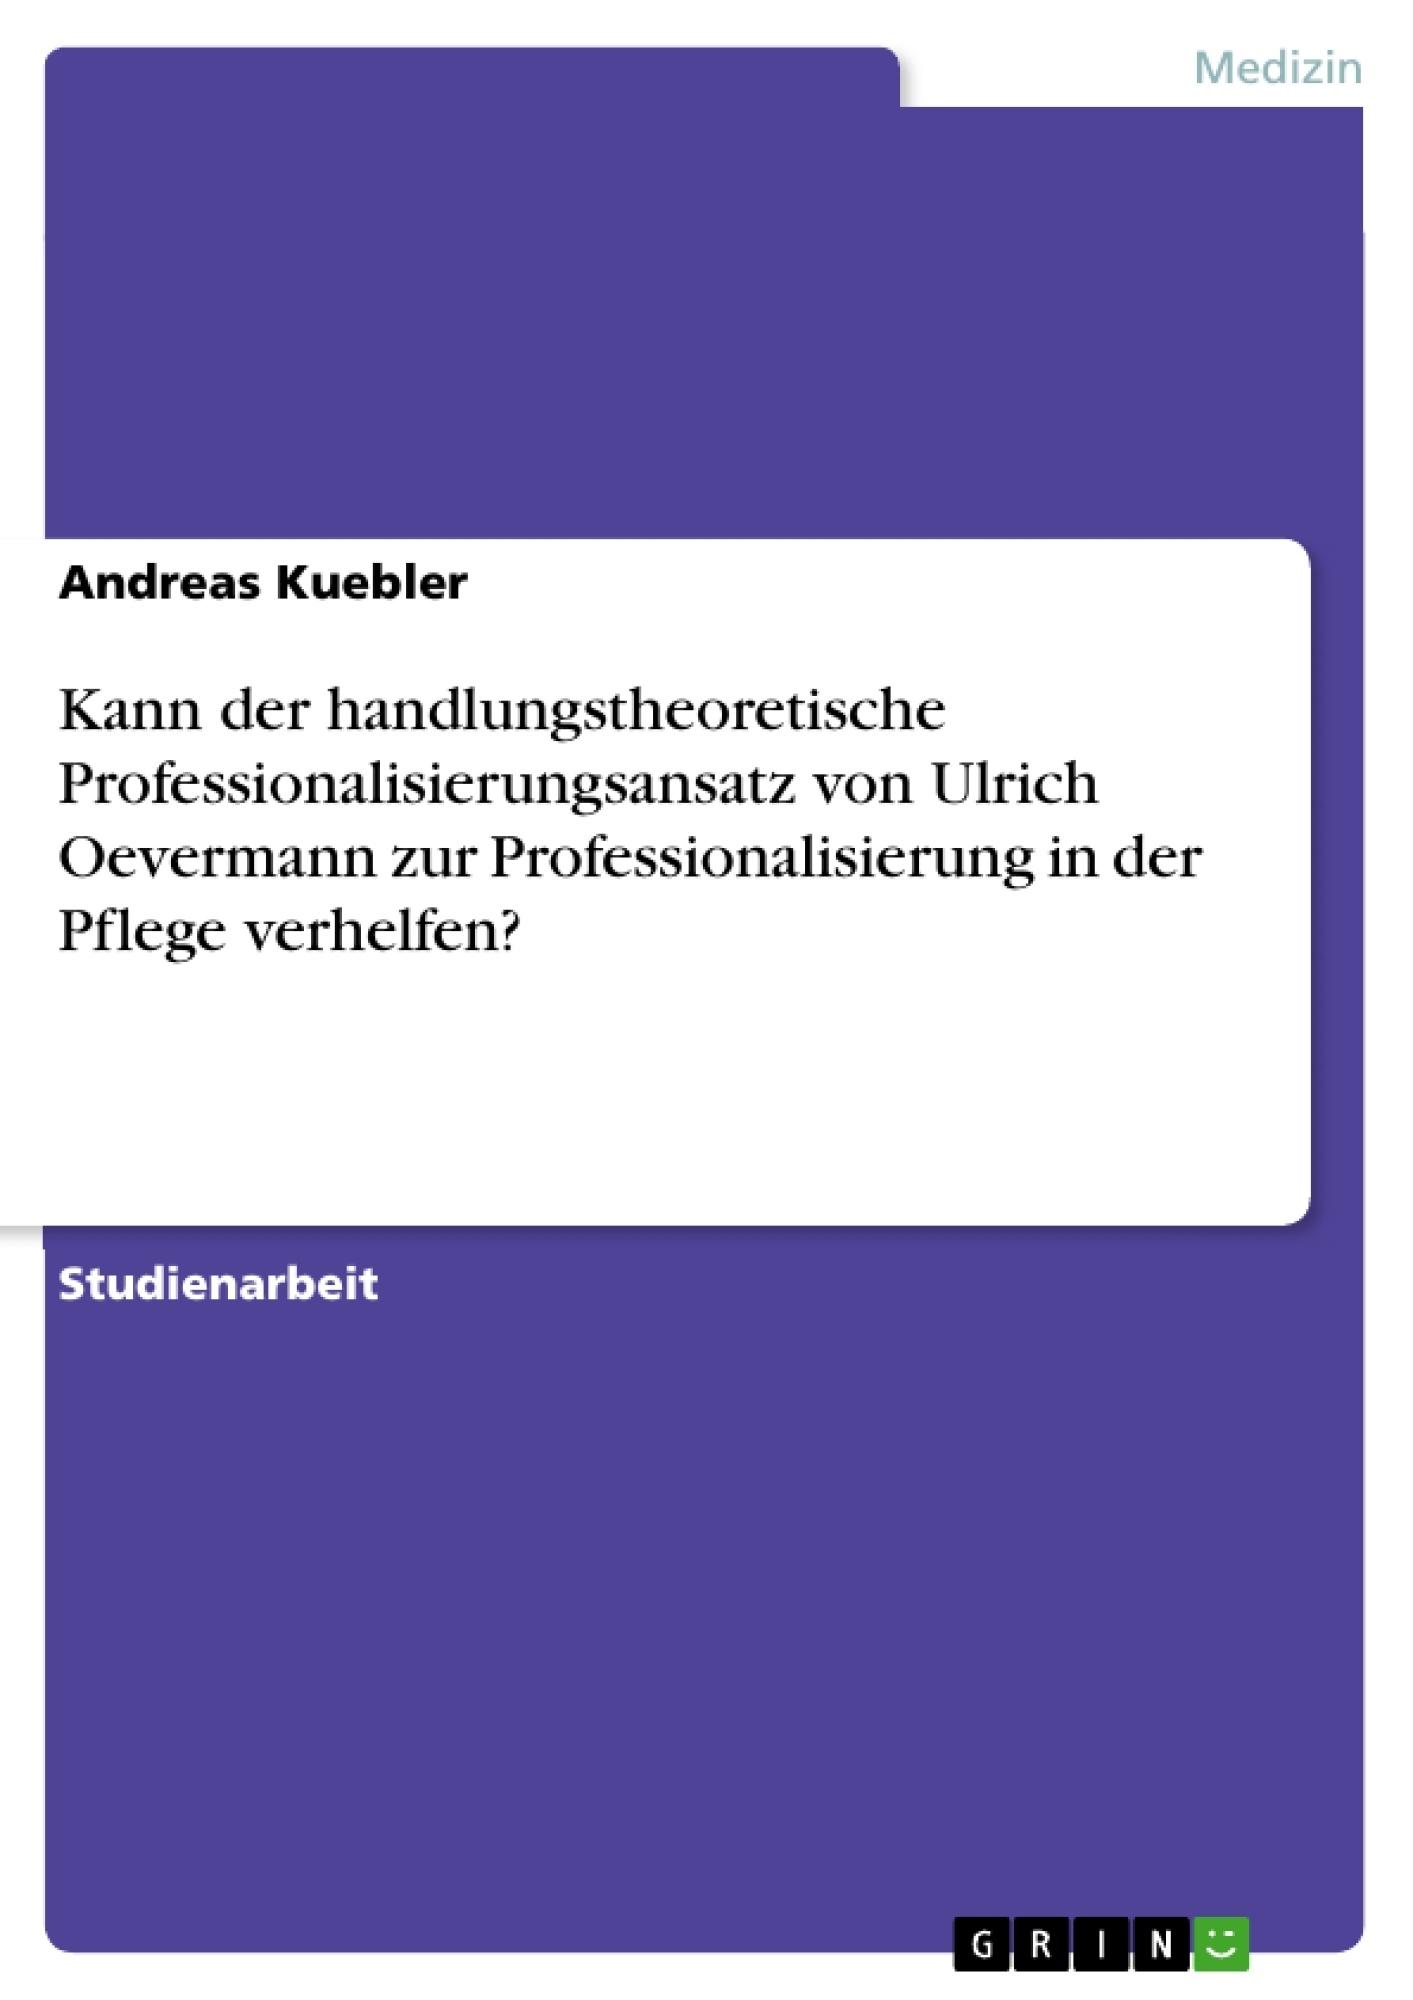 Titel: Kann der handlungstheoretische Professionalisierungsansatz von Ulrich Oevermann zur Professionalisierung in der Pflege verhelfen?